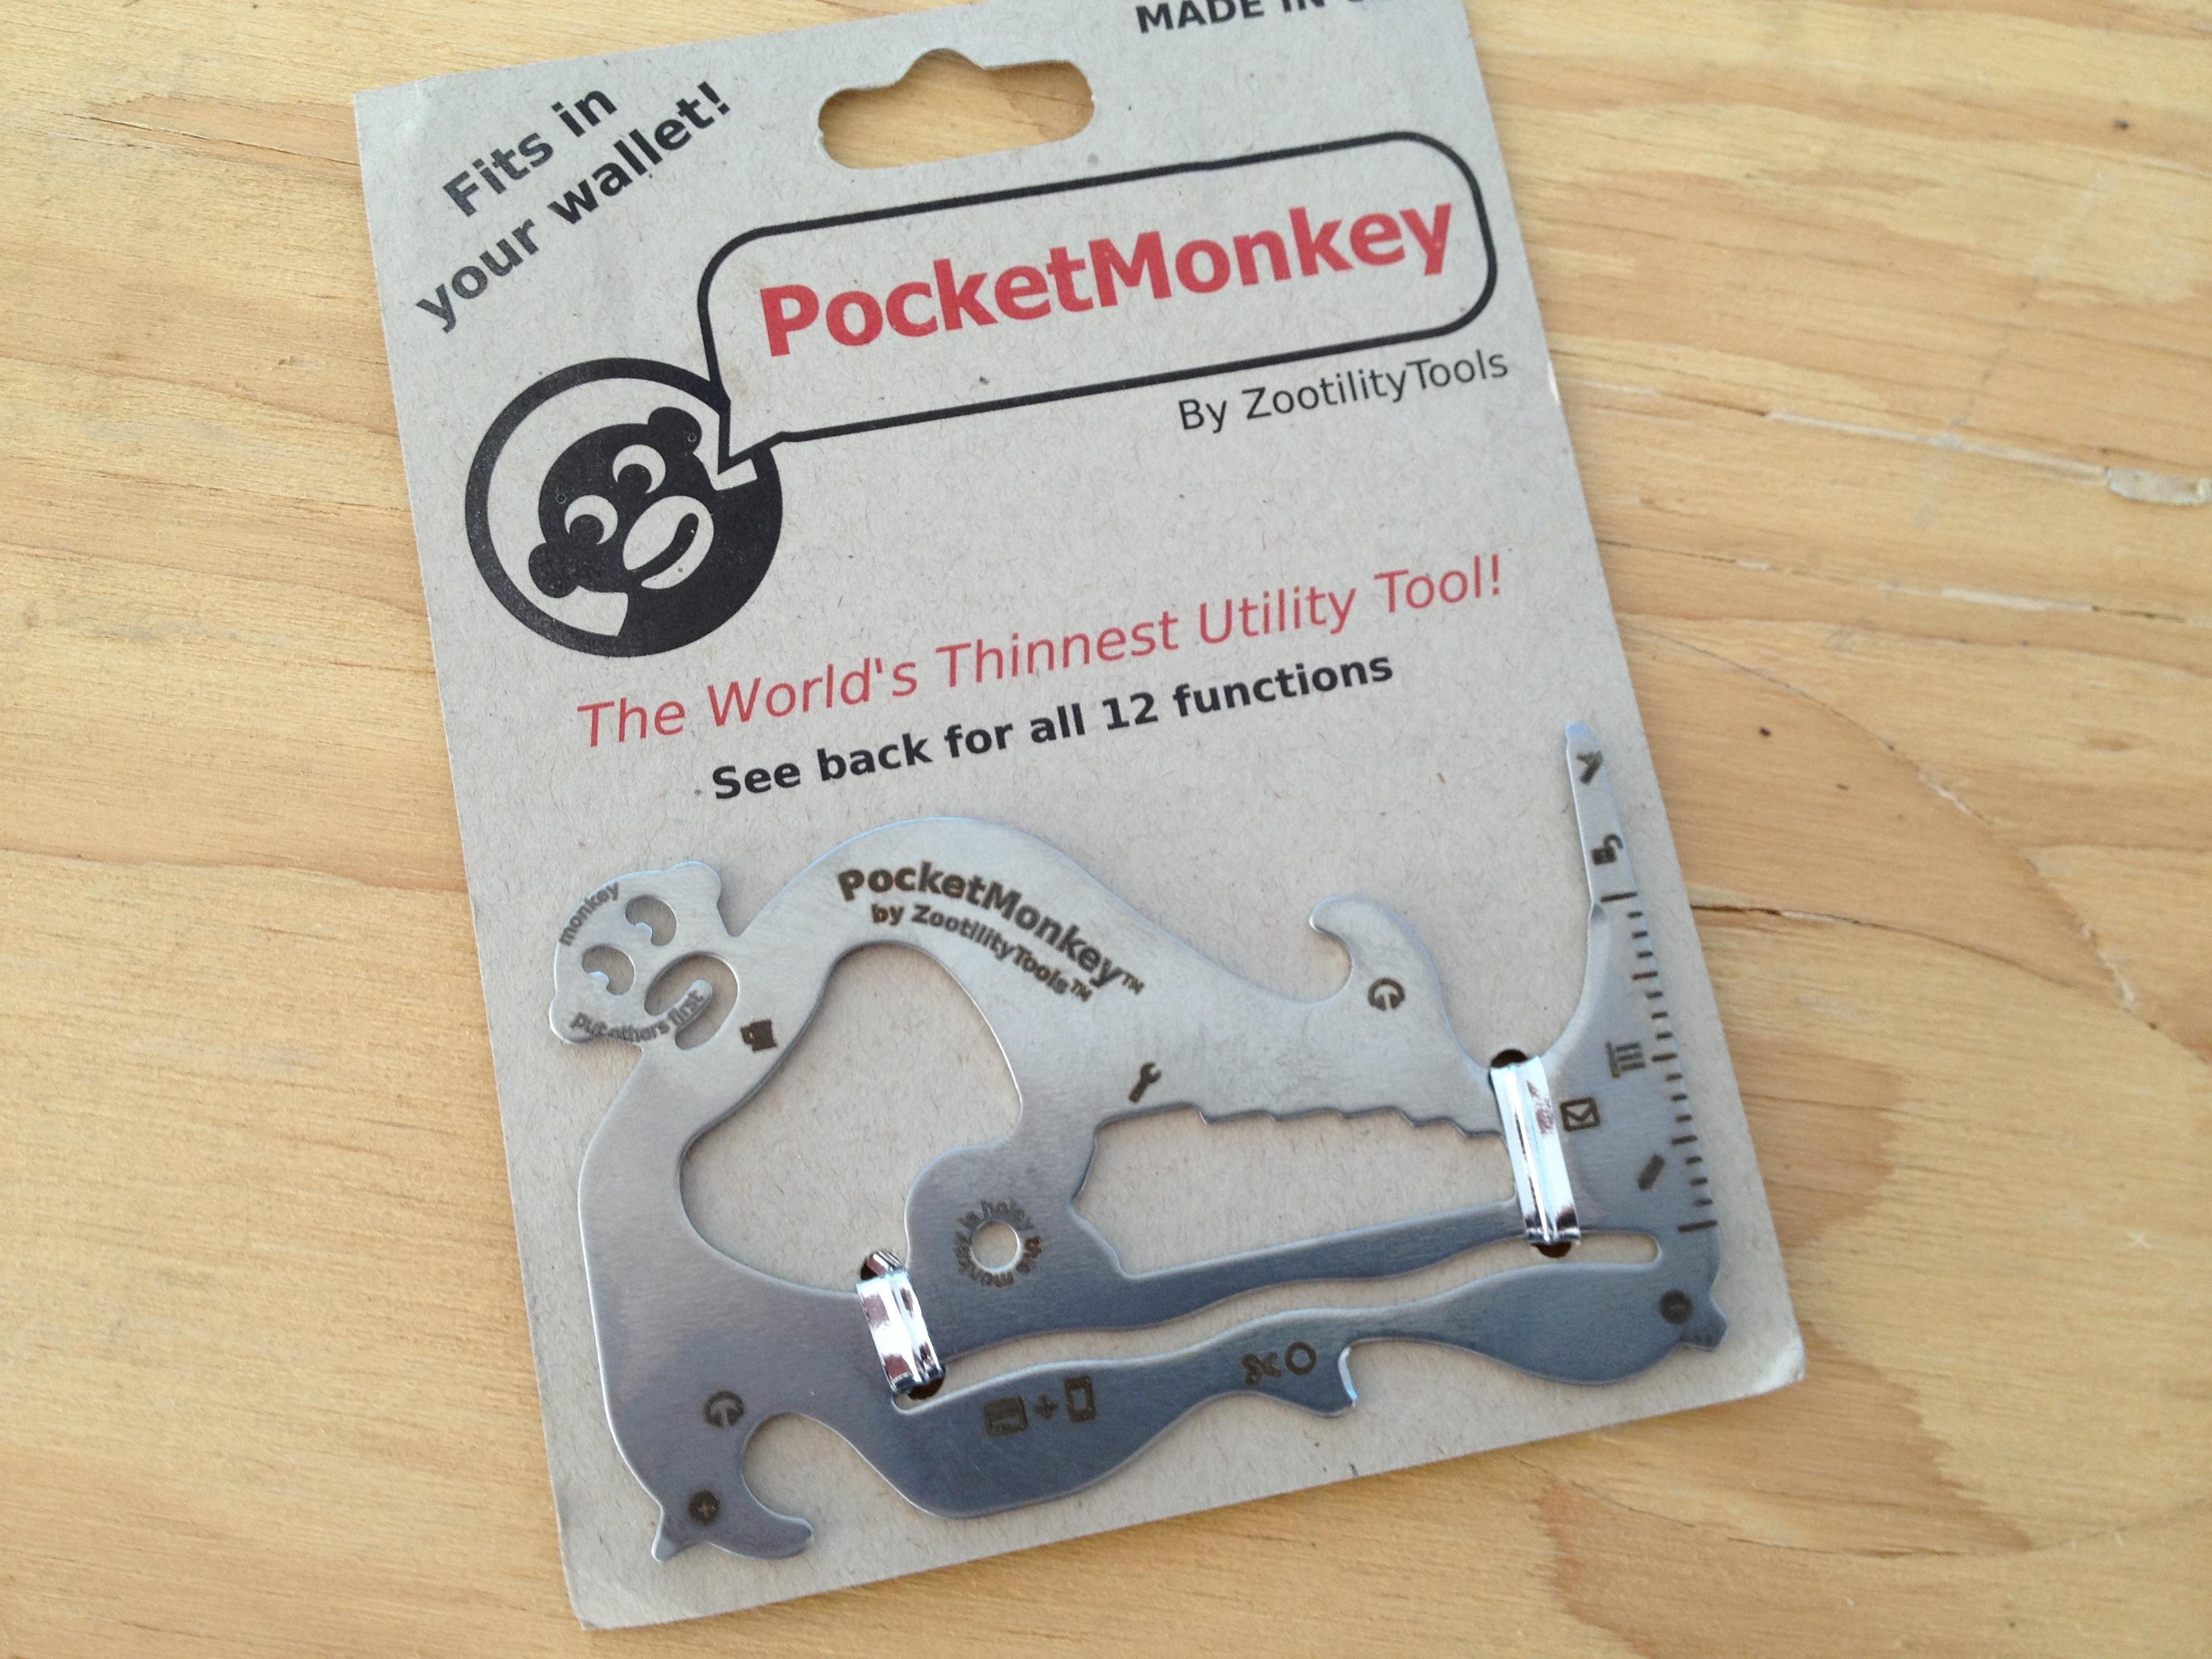 Pocketmonkey